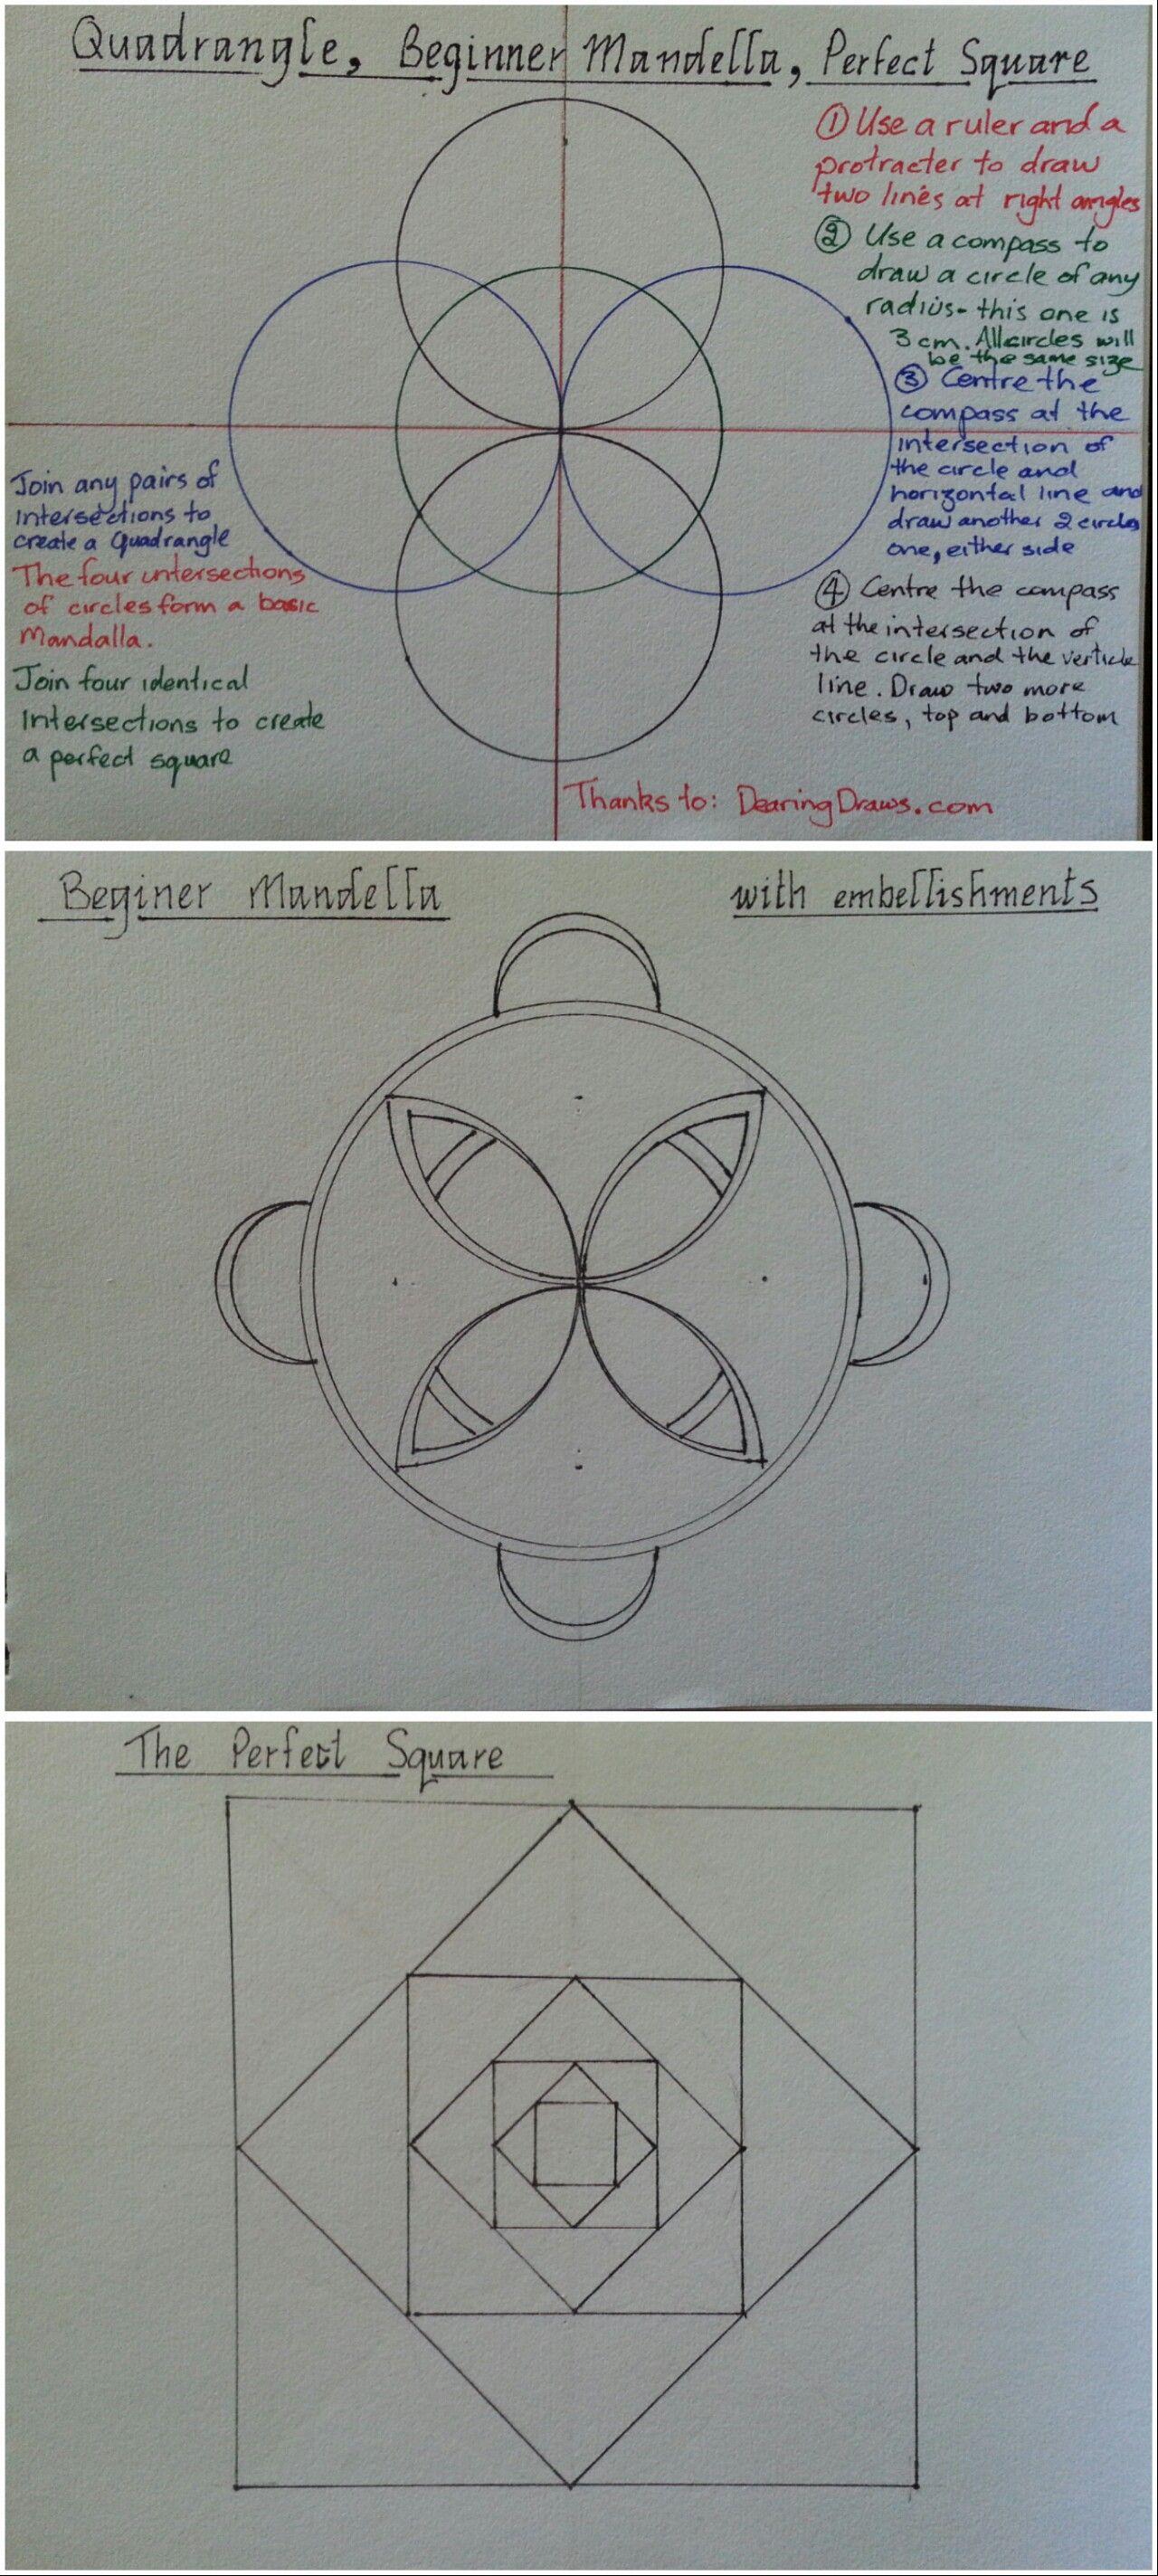 How to draw a quadrangle beginner mandala and the perfect square how to draw a quadrangle beginner mandala and the perfect square ccuart Image collections